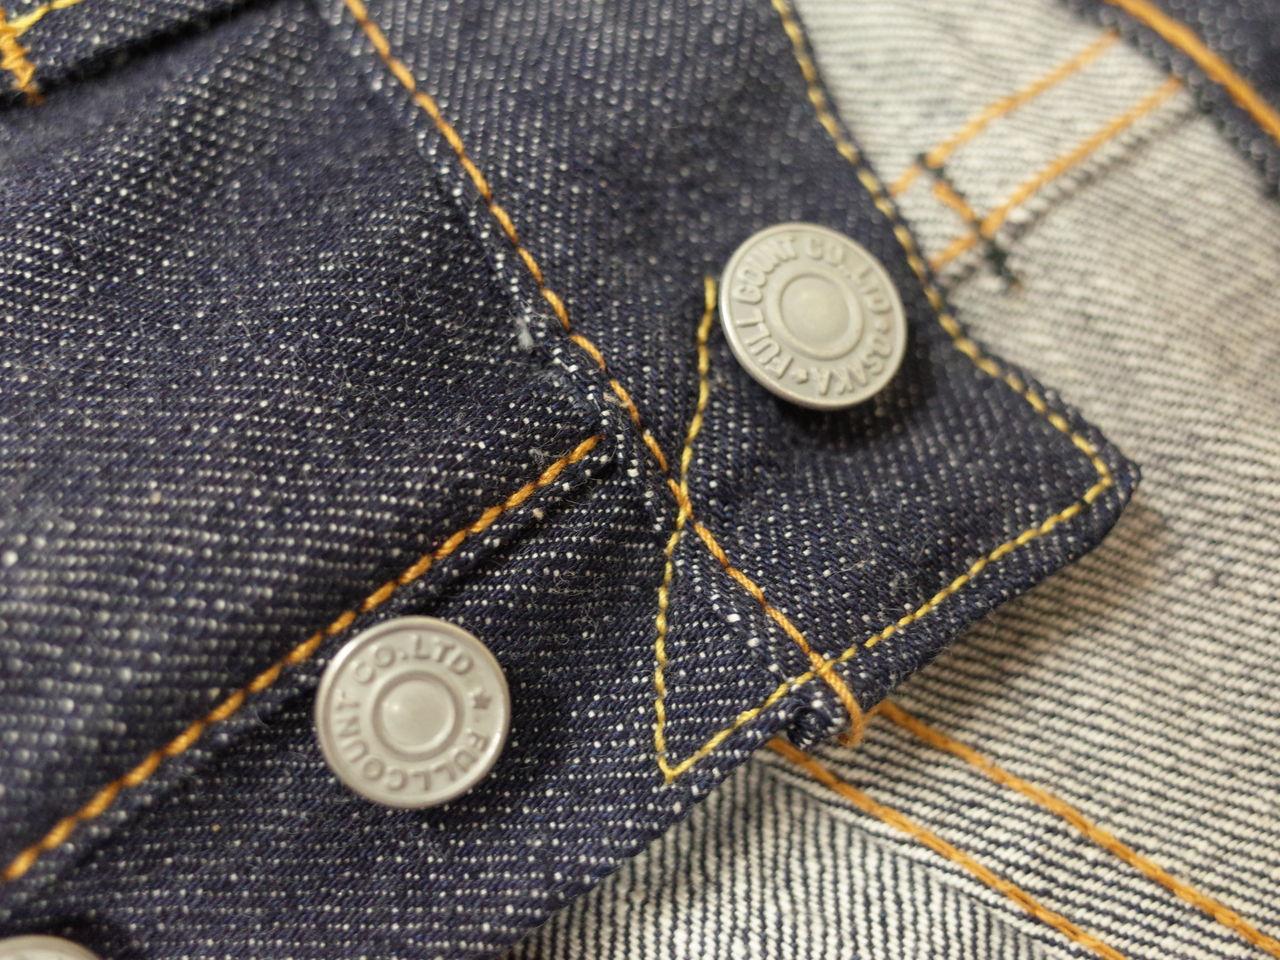 blue gear fullcount jeans. Black Bedroom Furniture Sets. Home Design Ideas